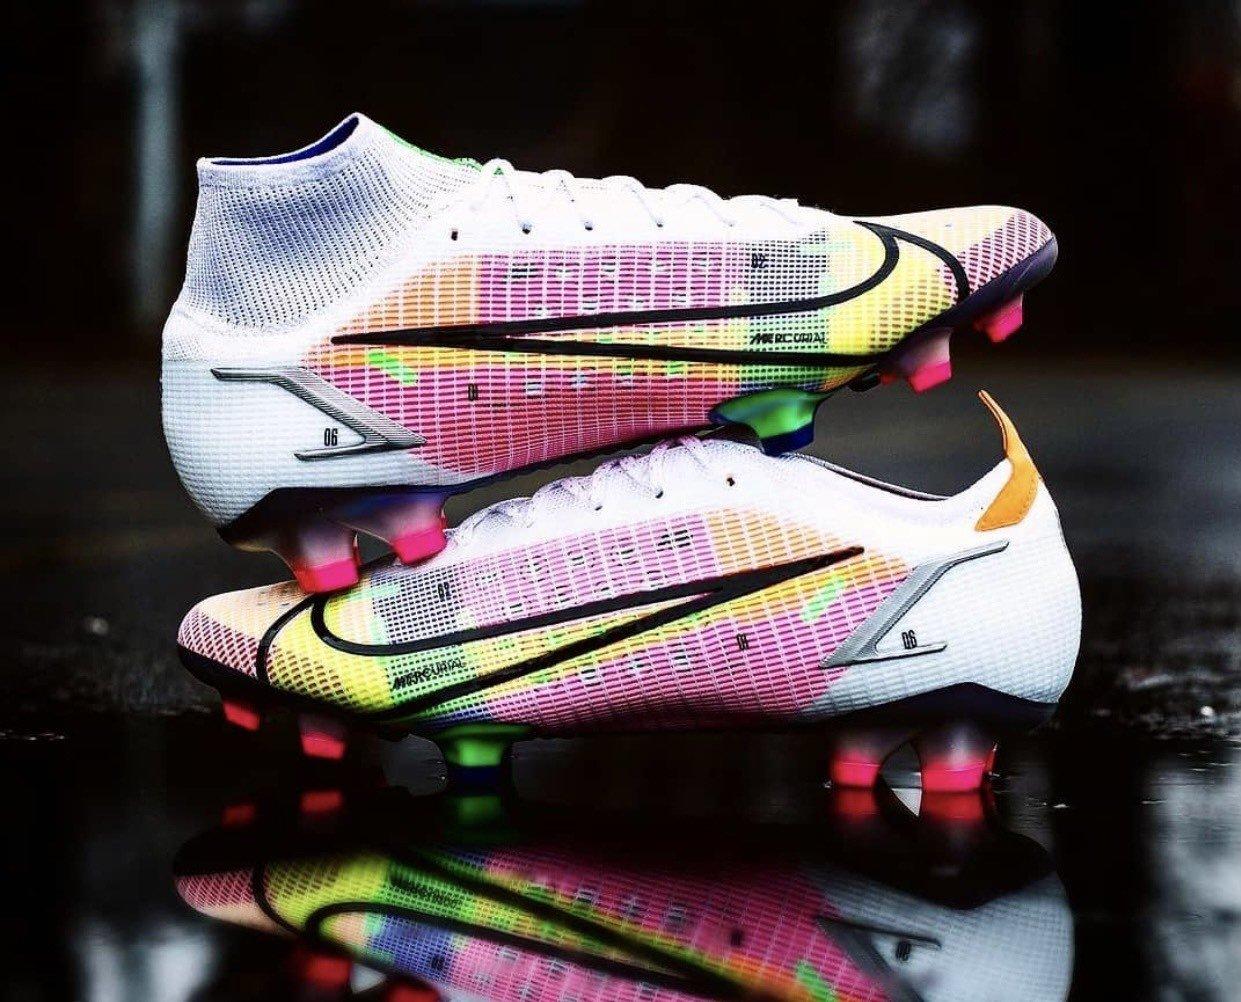 Siêu phẩm giày đá bóng Nike Mercurial Dragonfly - Mercurial Superfly 8 và Vapor 14